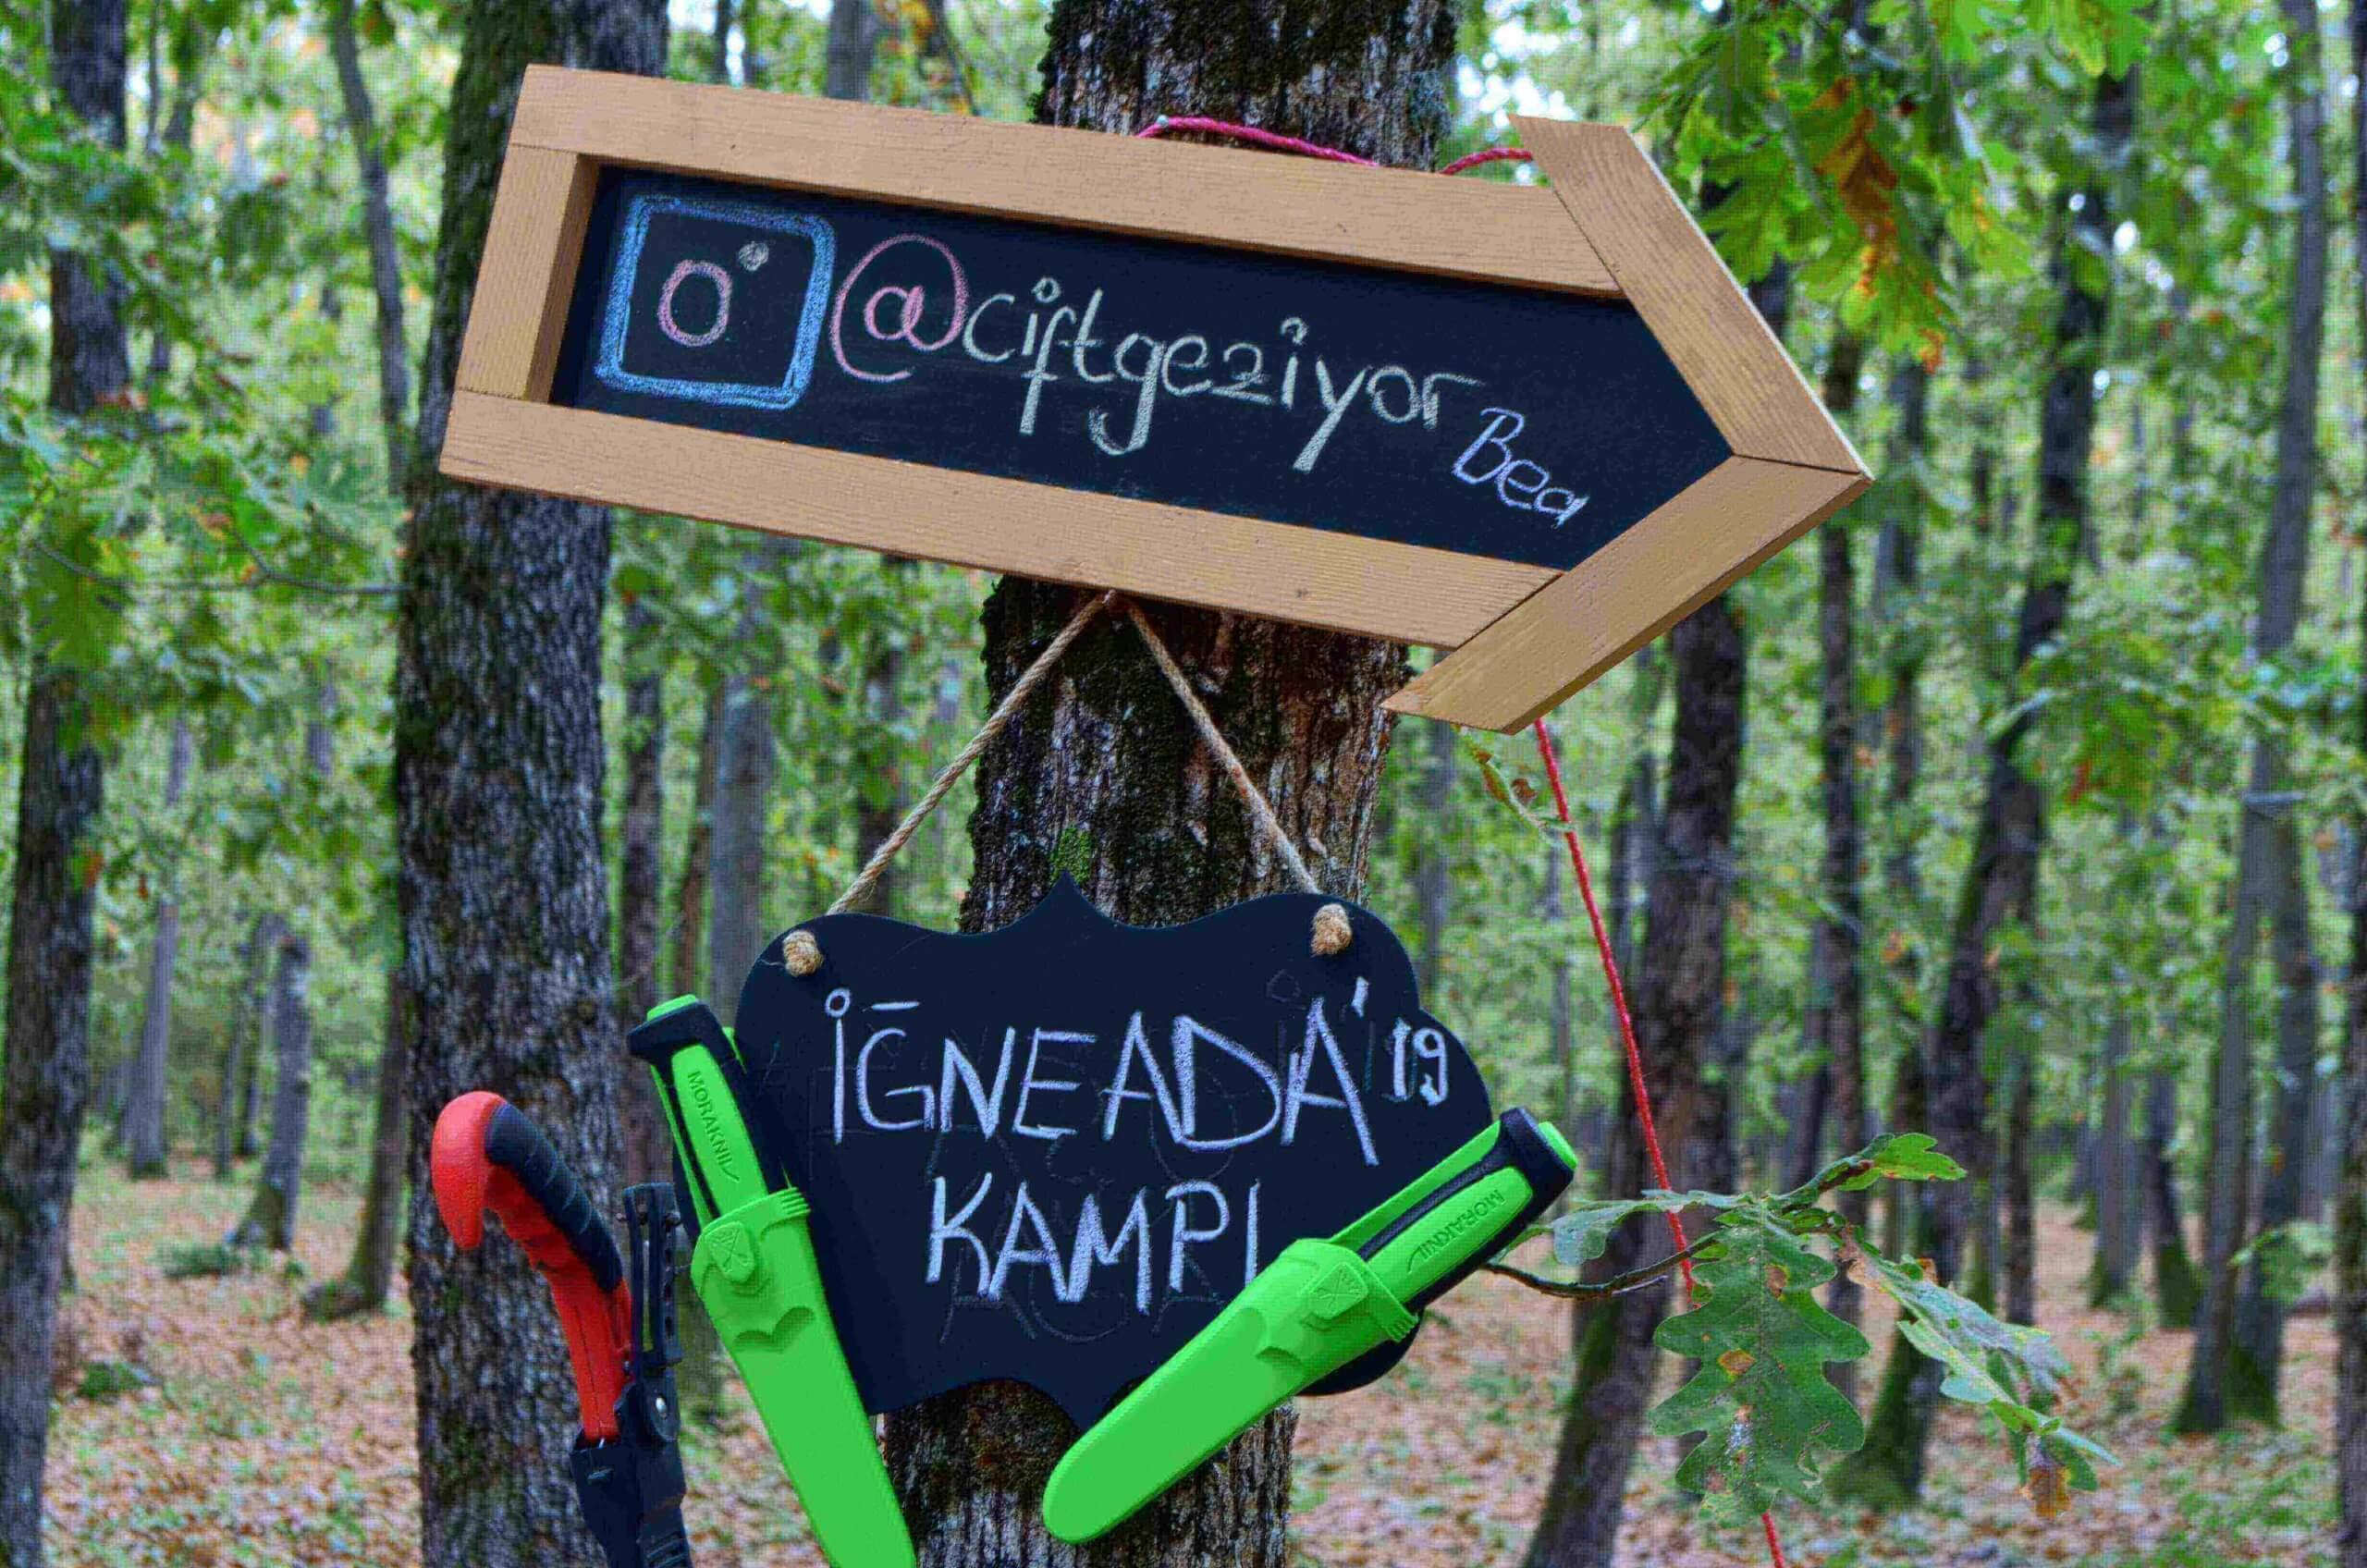 Yaz kampı ve özellikle ormanda yapılan kamplar, kamçılar için çok keyifli geçmektedir. Bu kamplarda bıçak, testere, balta vb araçlar kullanılır.